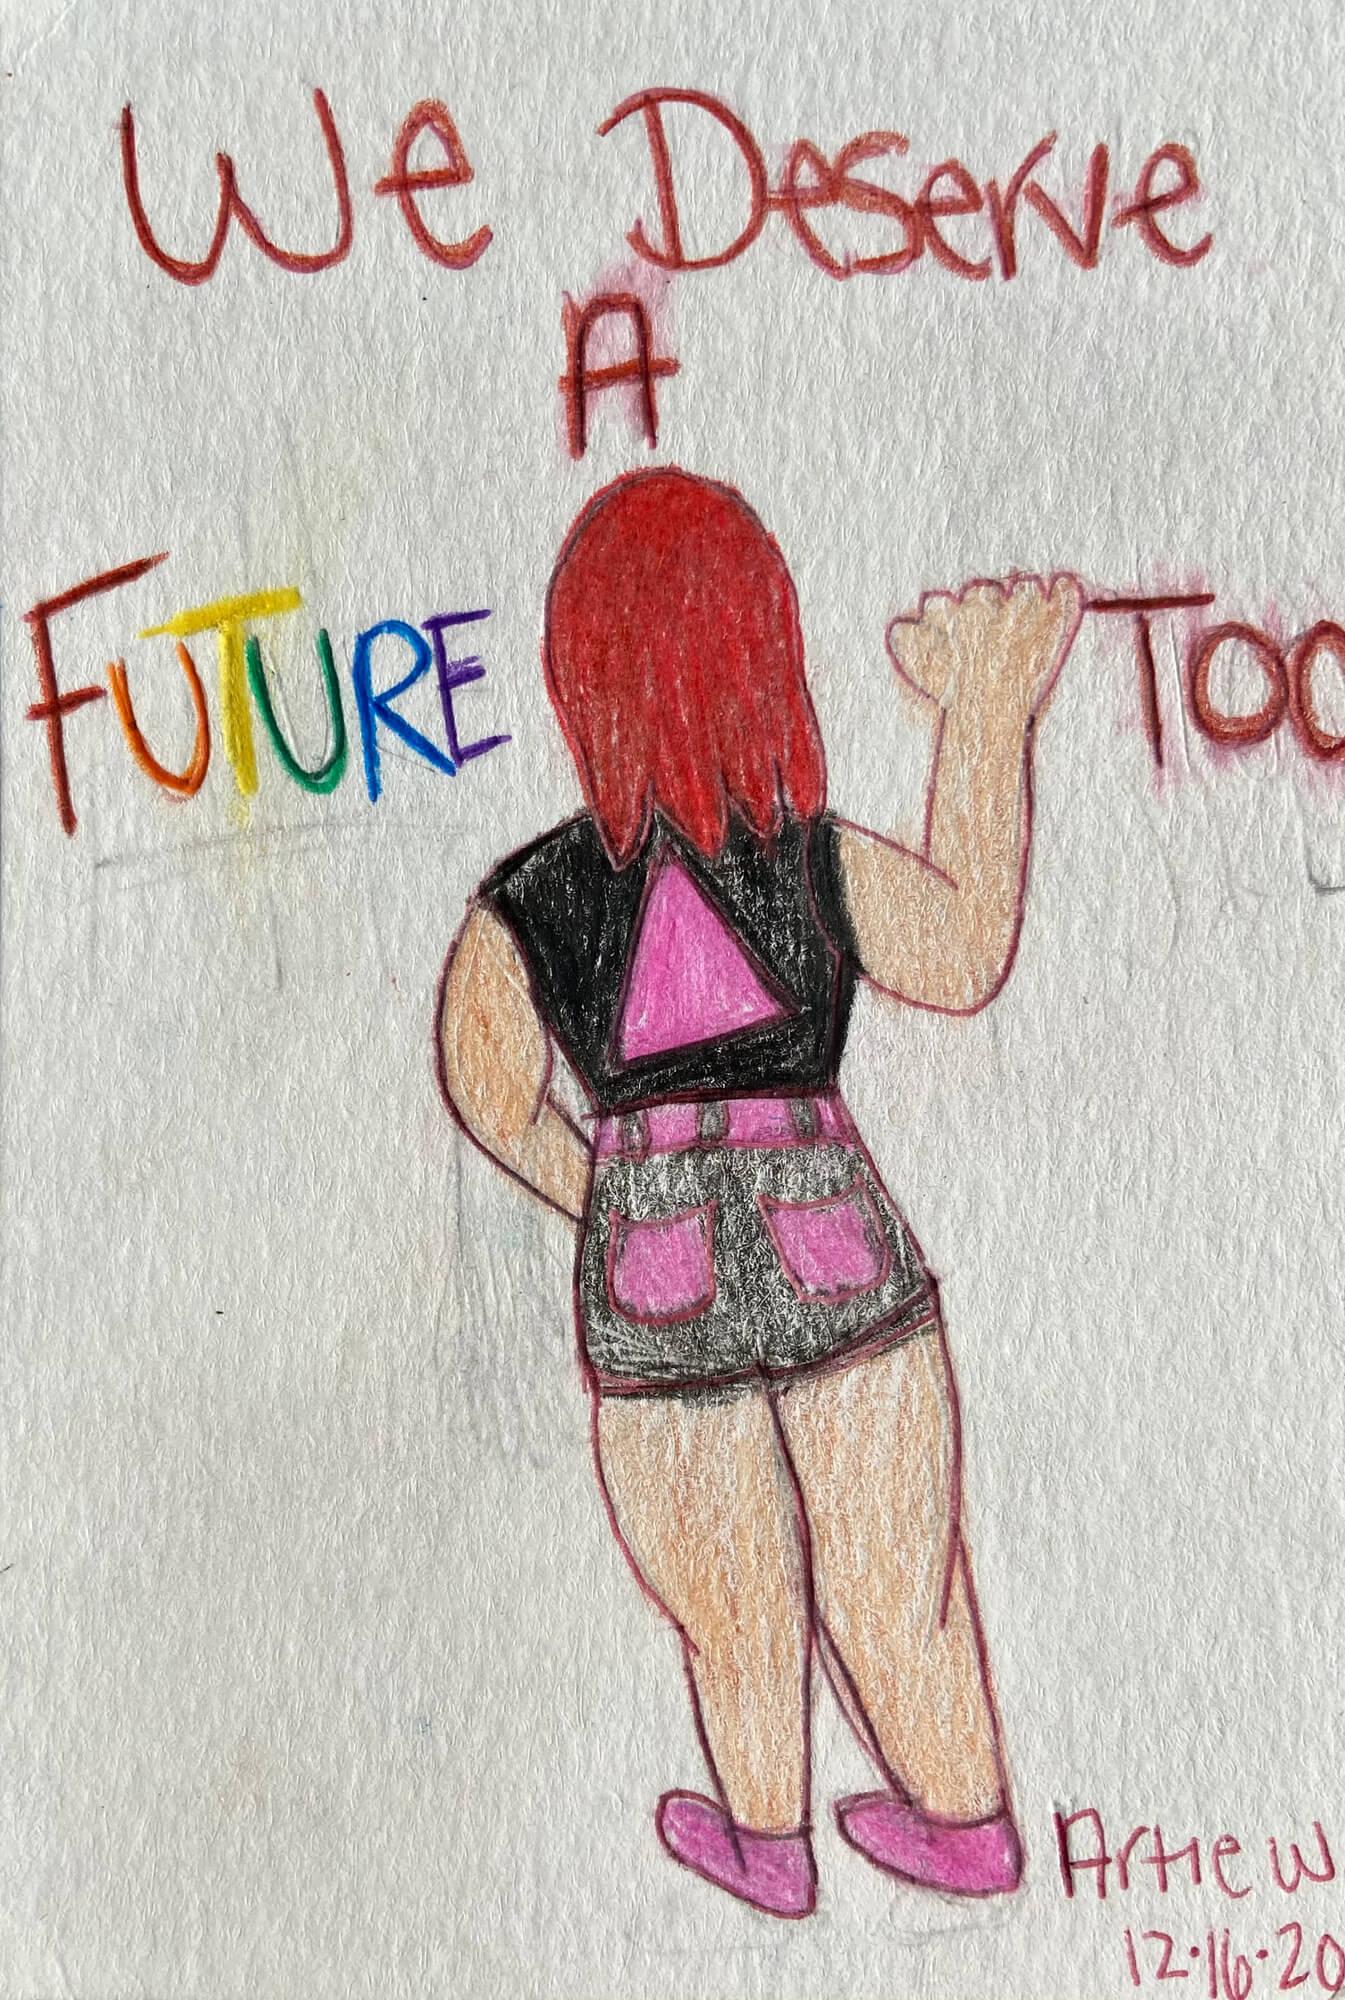 Futurismo queer